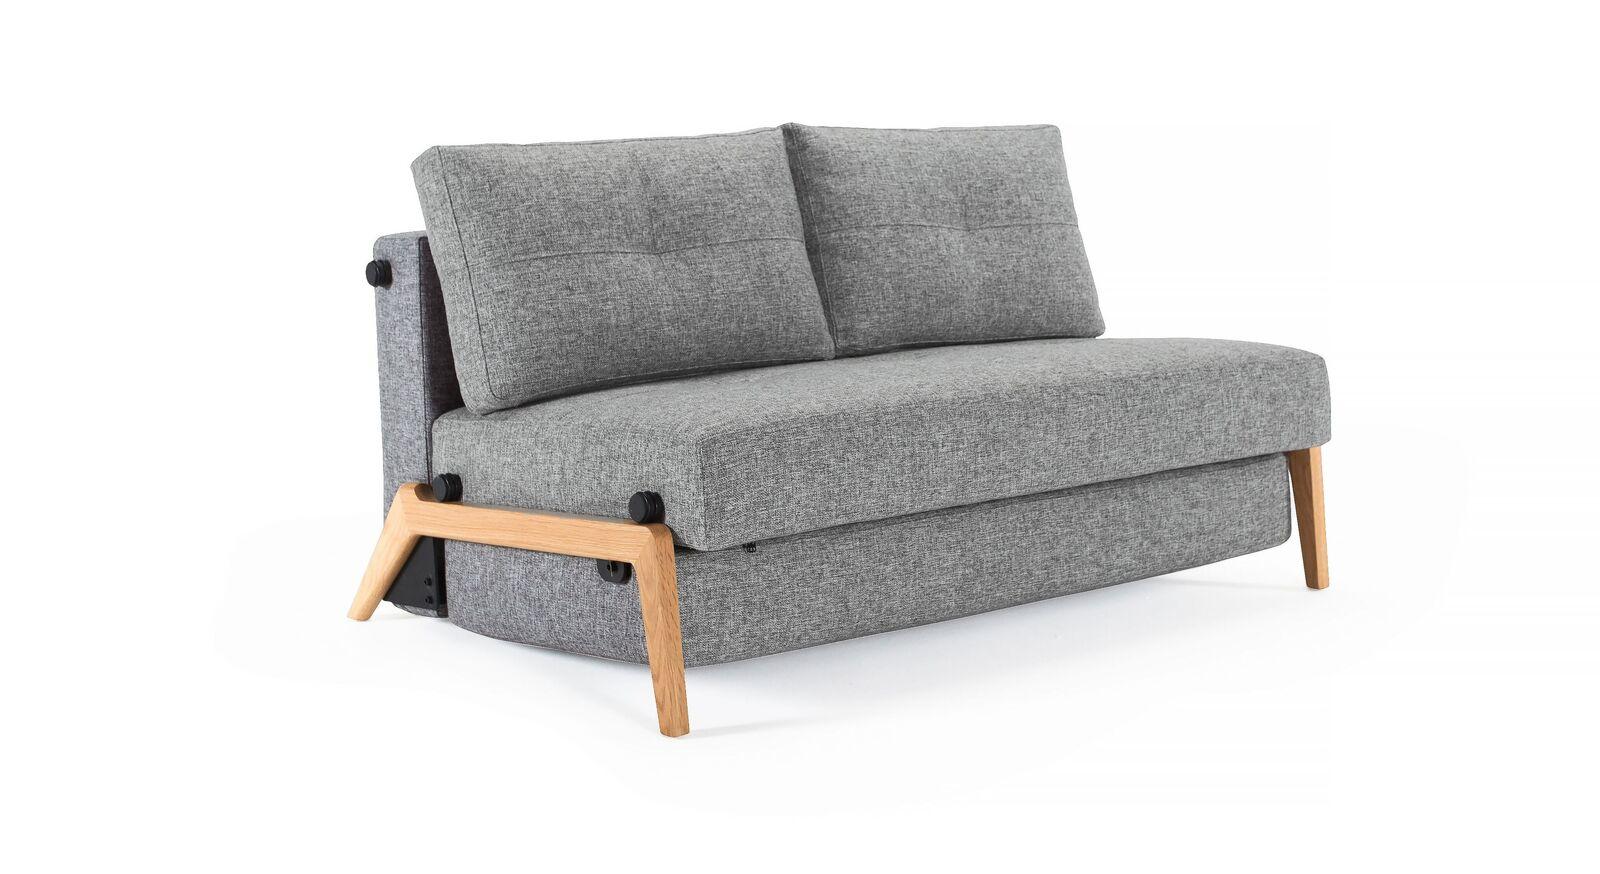 Zweisitzer Schlafsofa Carlton mit Twist-Bezug in Granit